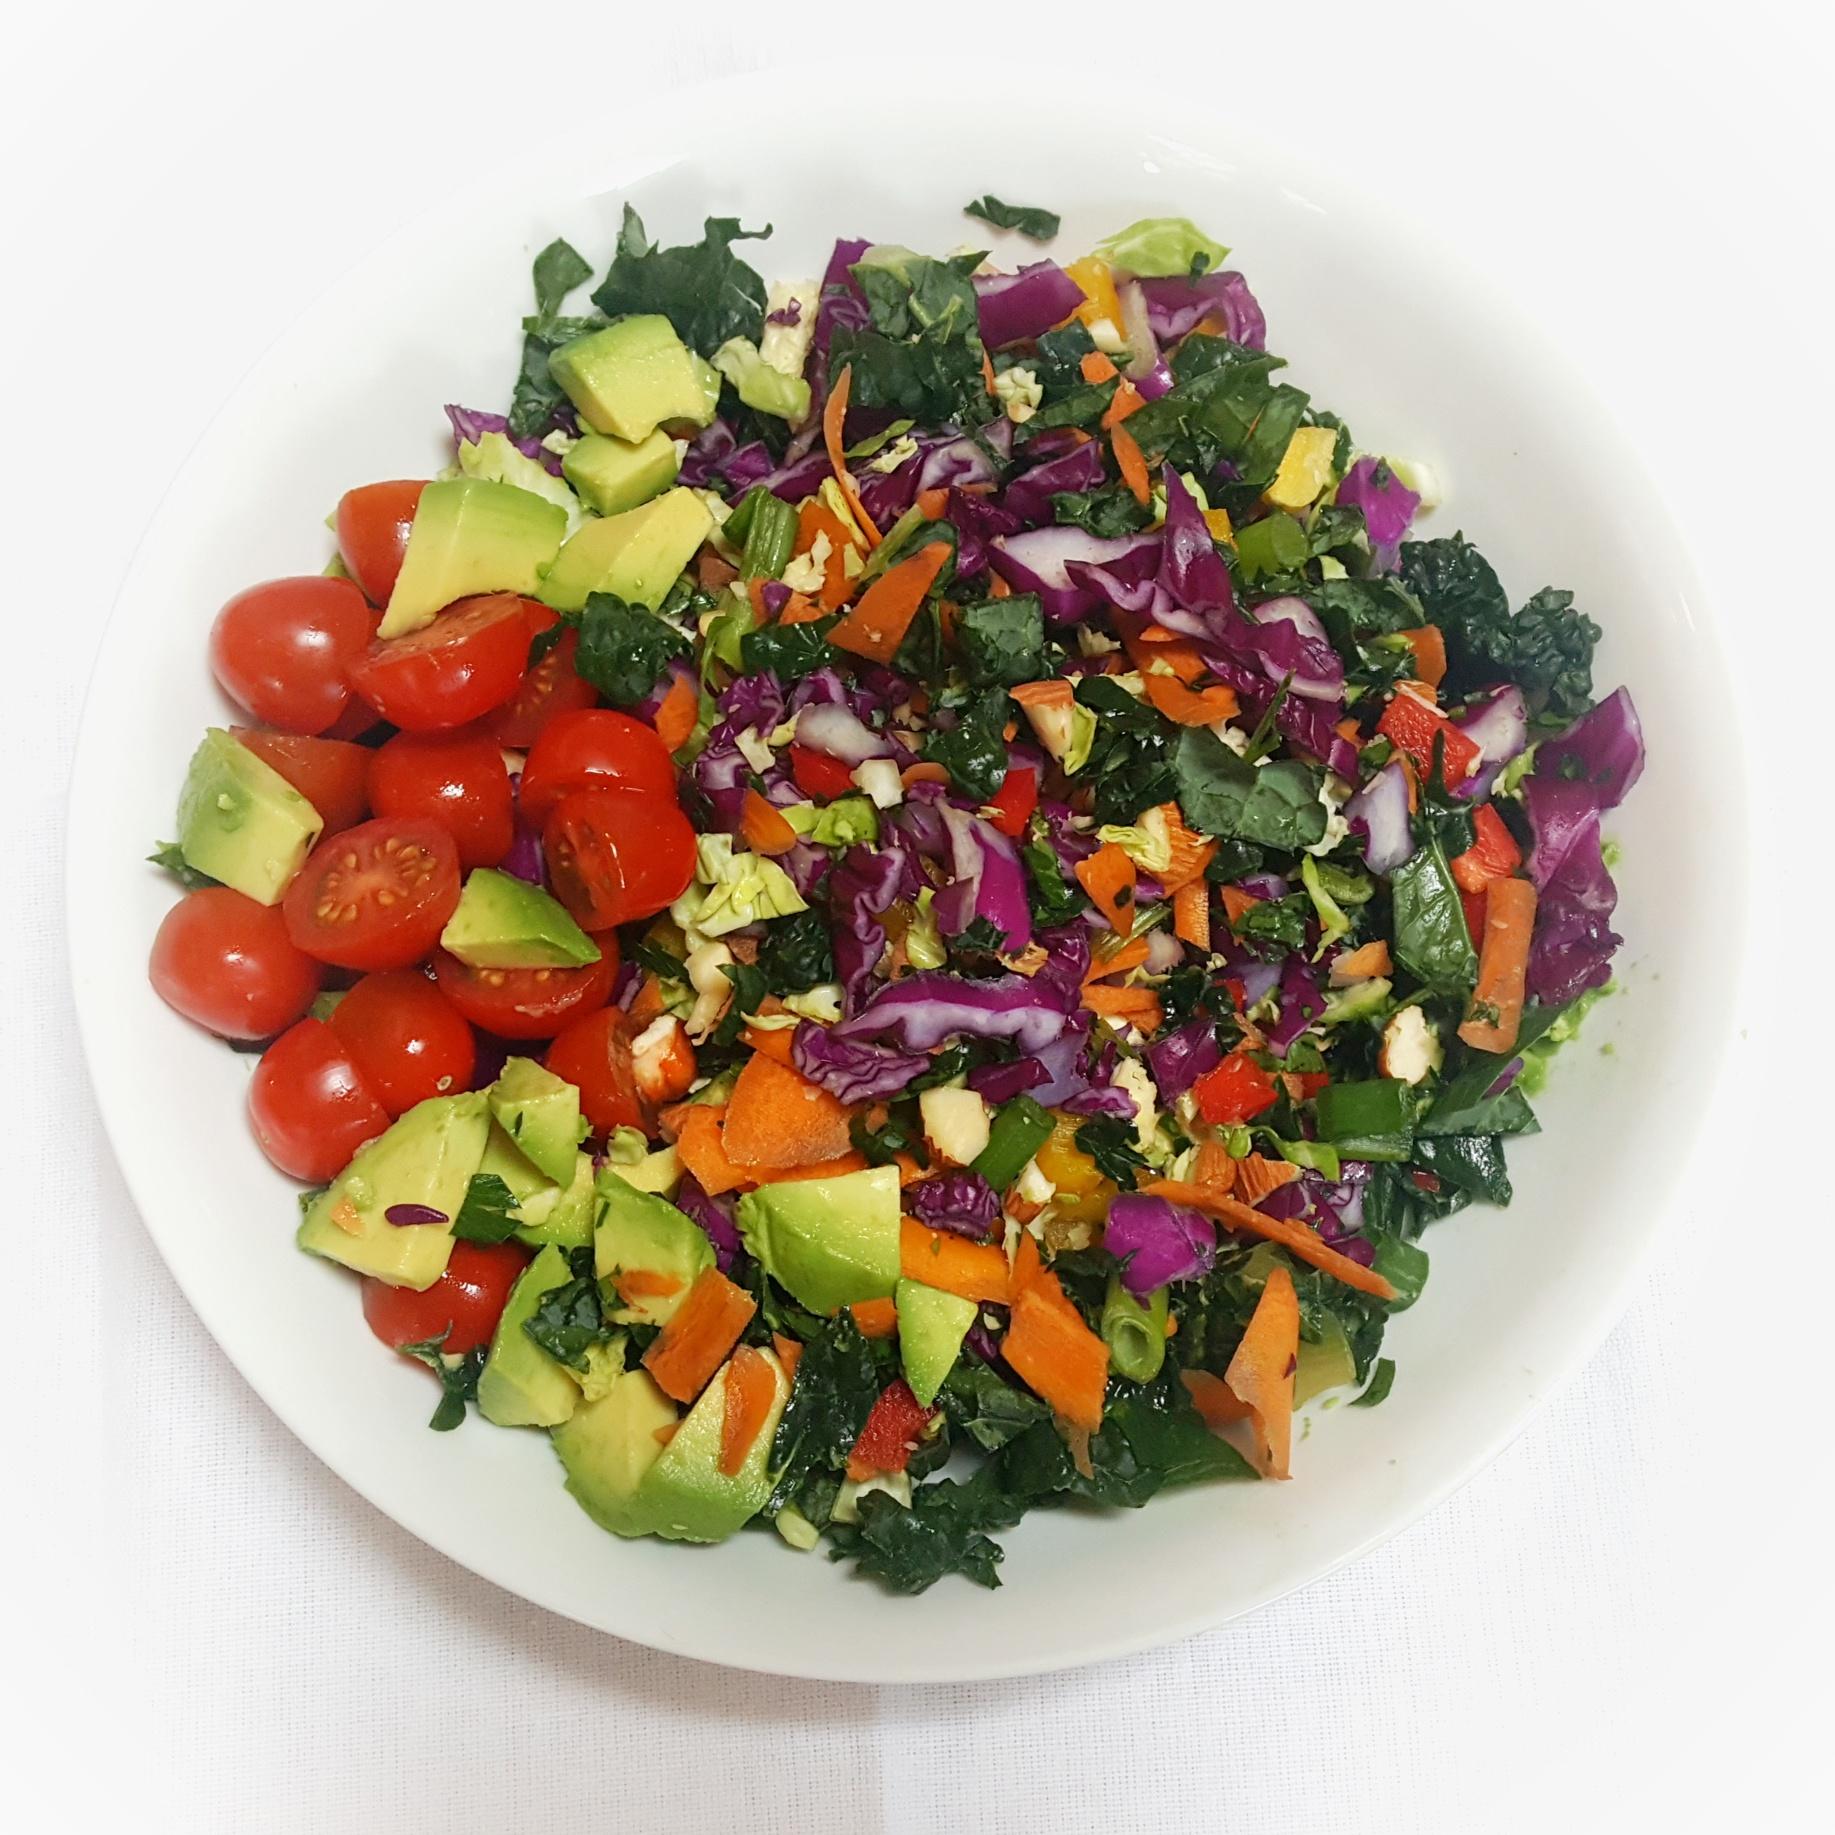 Hearty Detox Salad